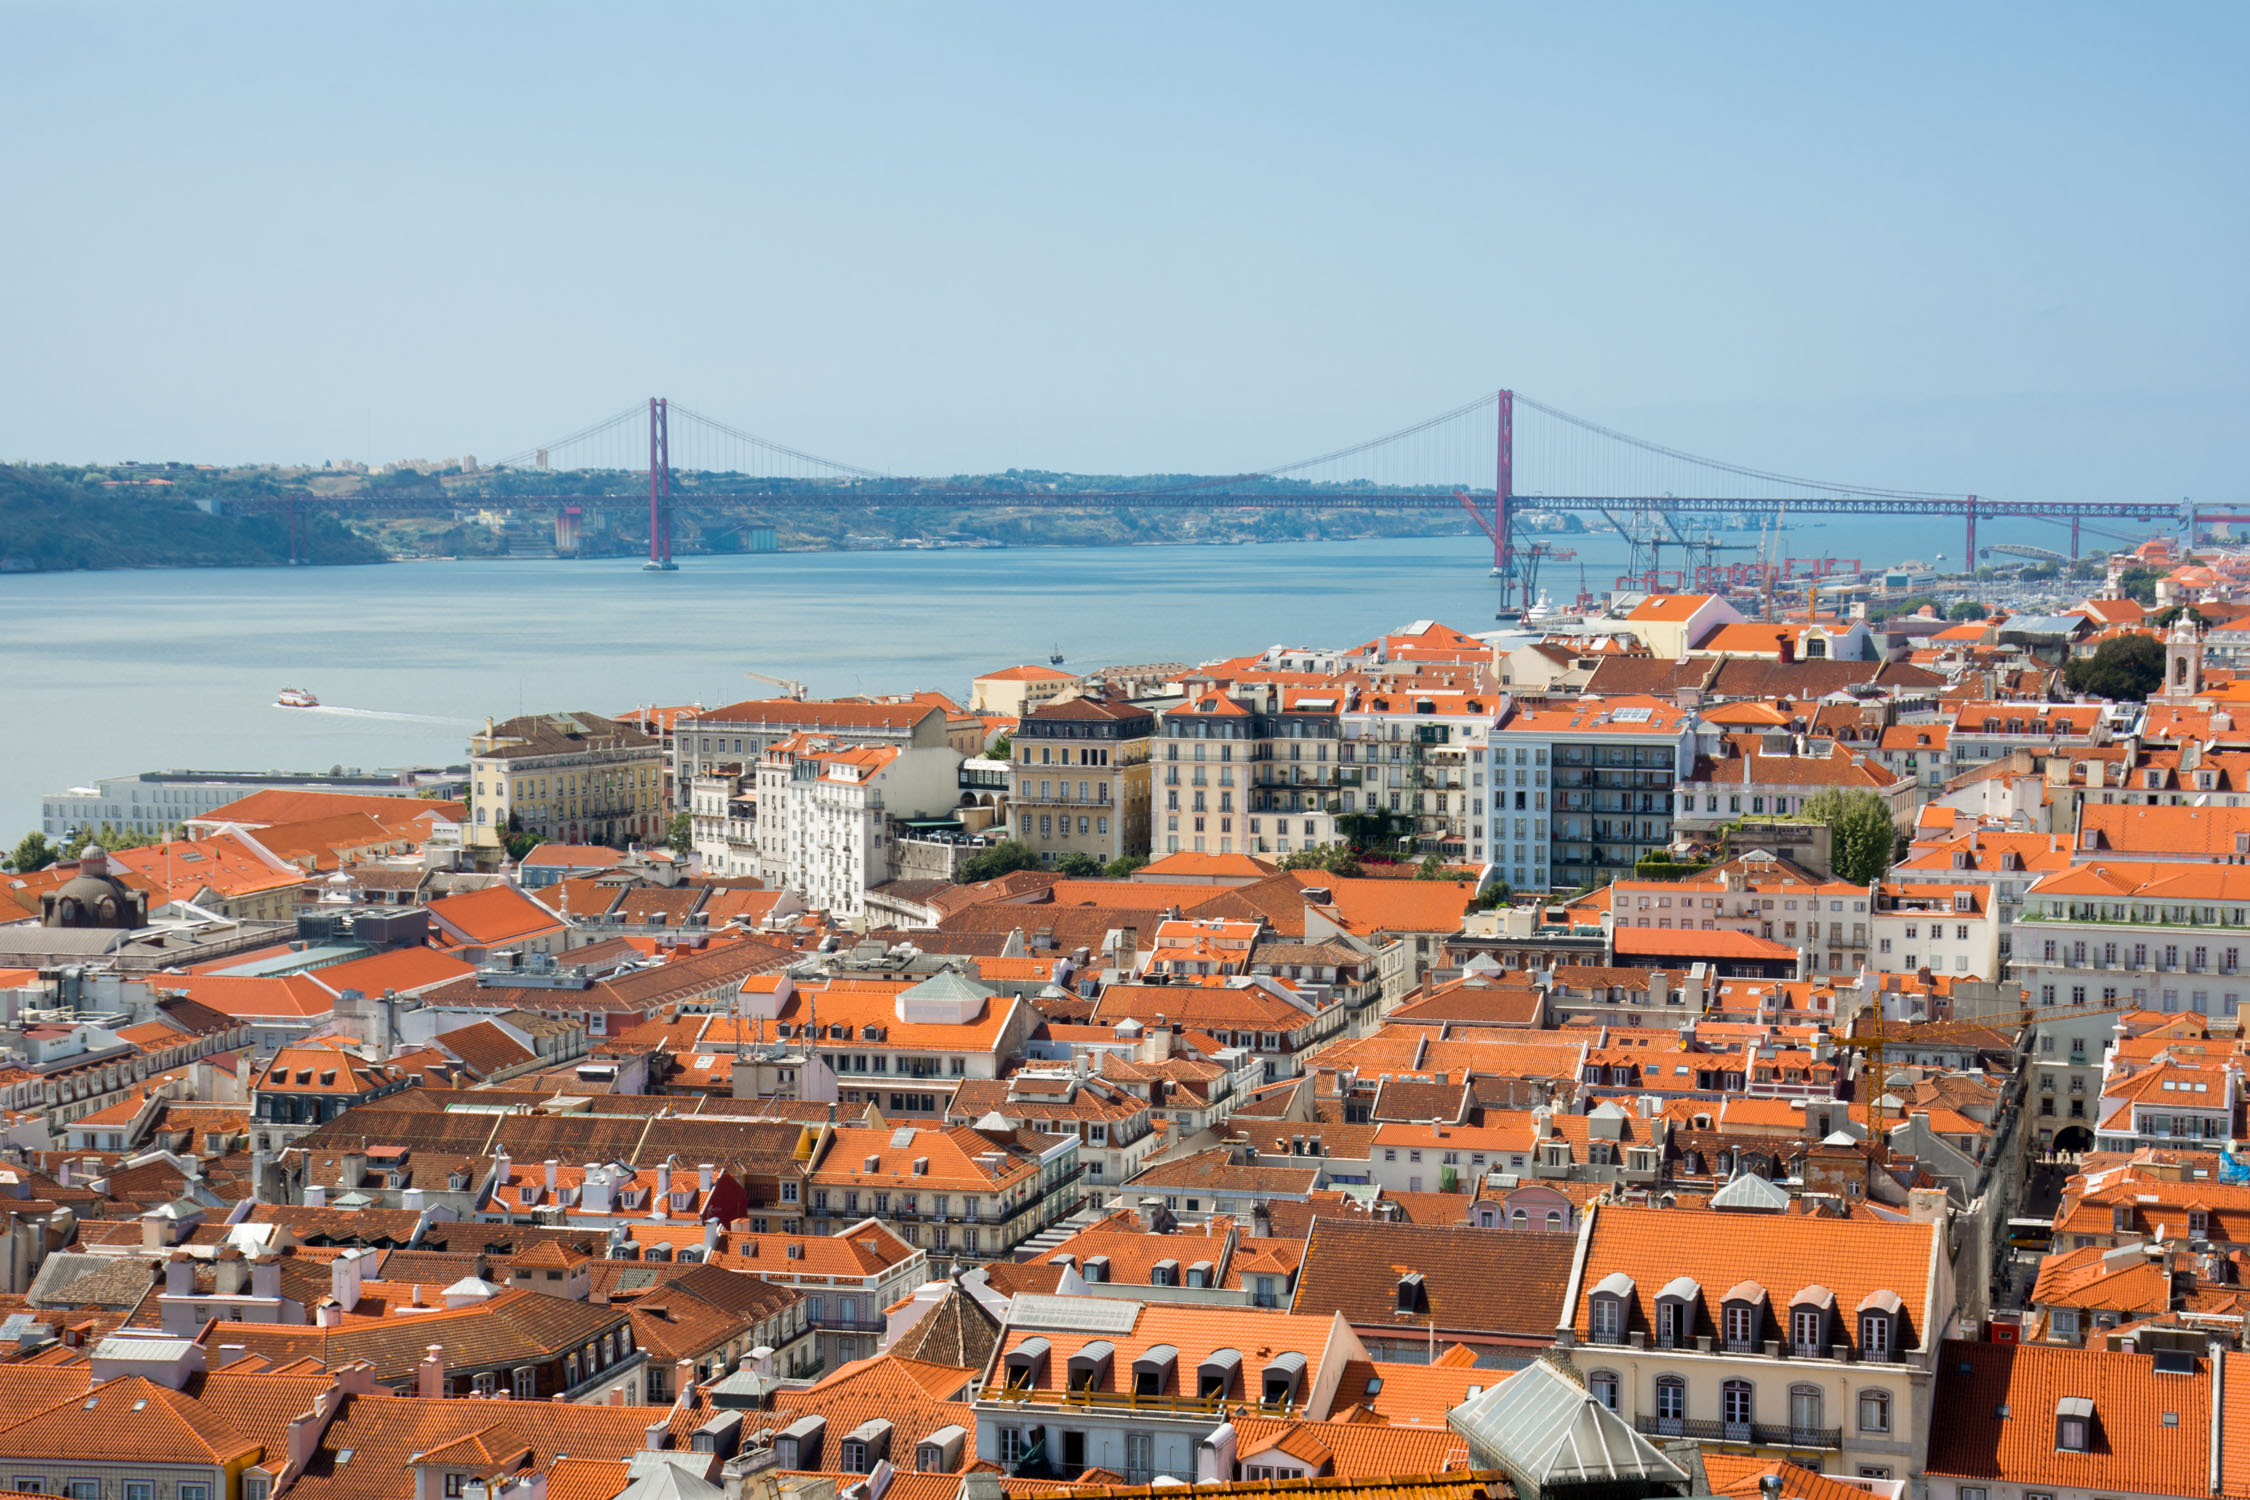 The views from Casa Do Leão